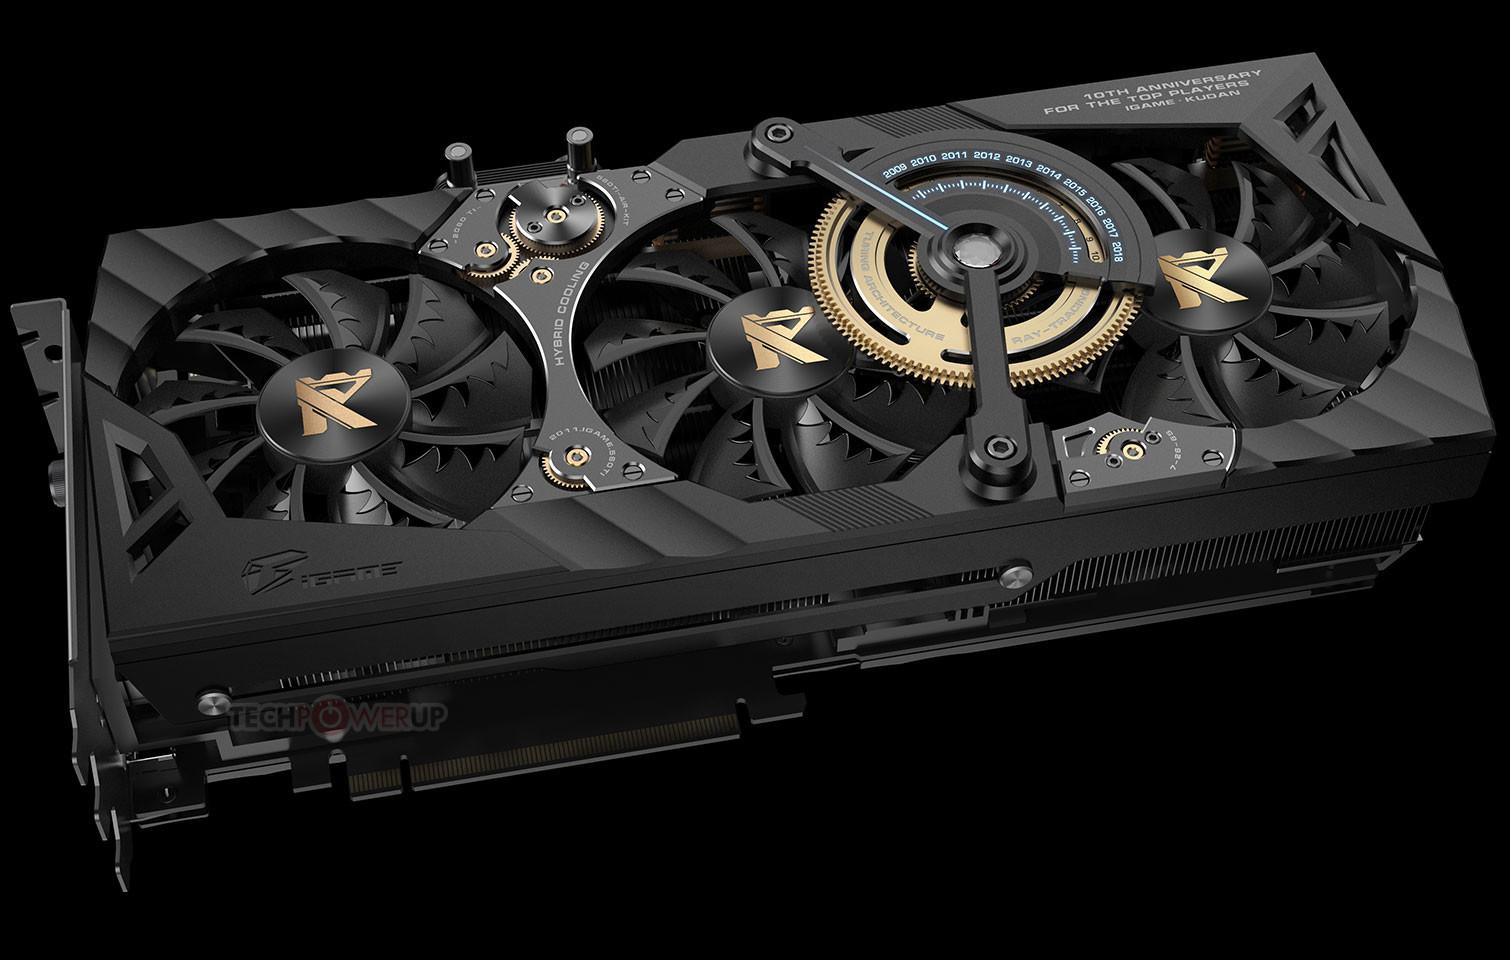 Colorful Debuts the iGame GeForce RTX 2080 Ti KUDAN